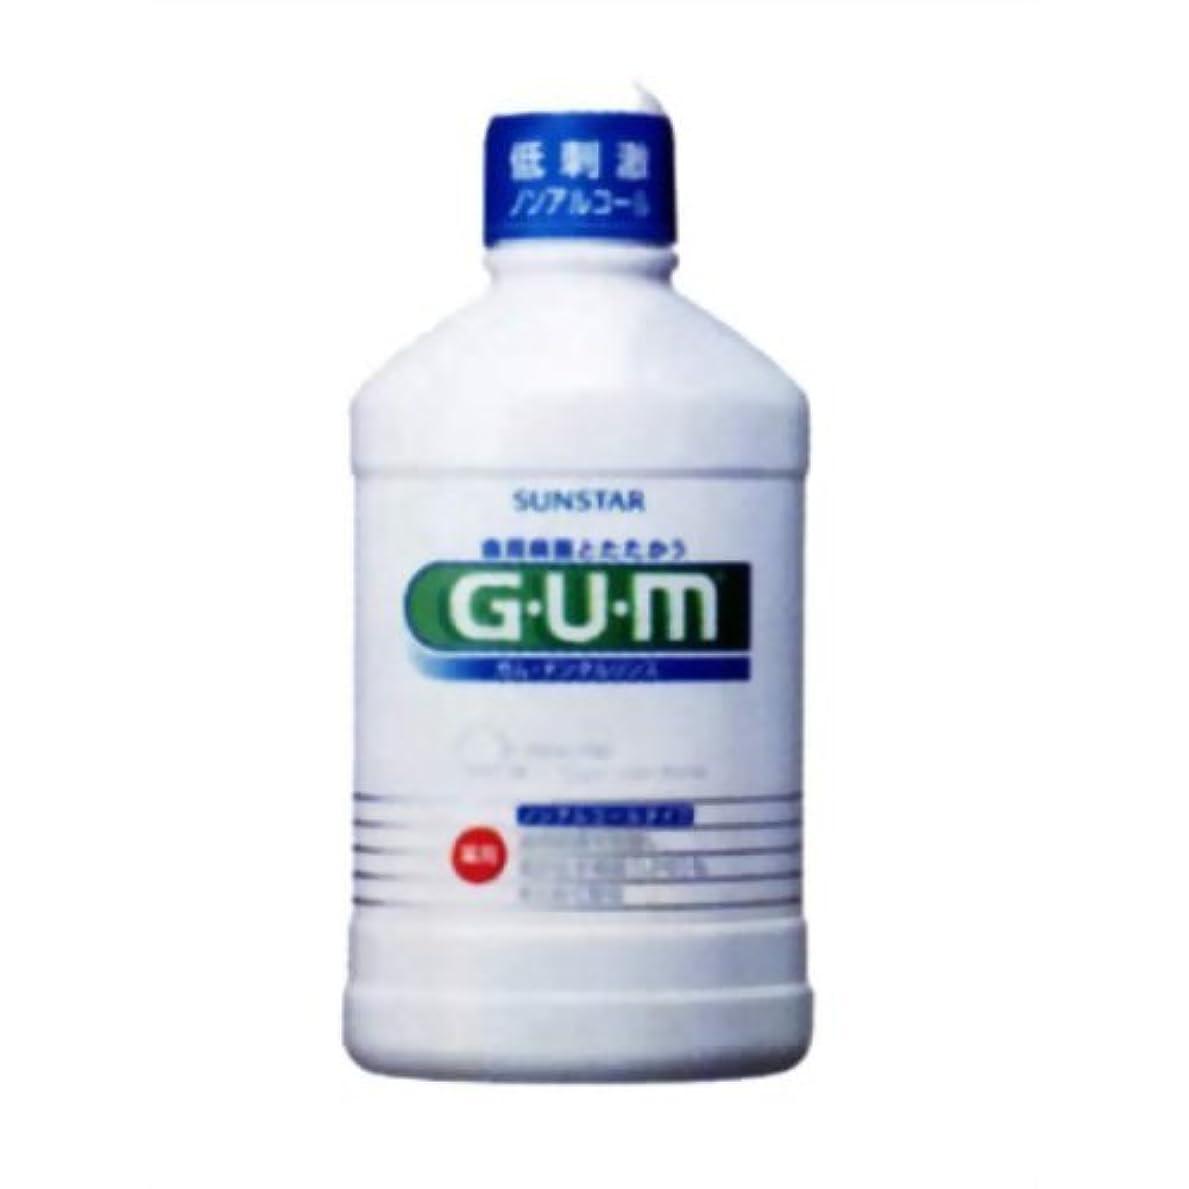 殺す歩き回る穴GUM(ガム) 薬用 デンタルリンス ノンアルコールタイプ 250ml